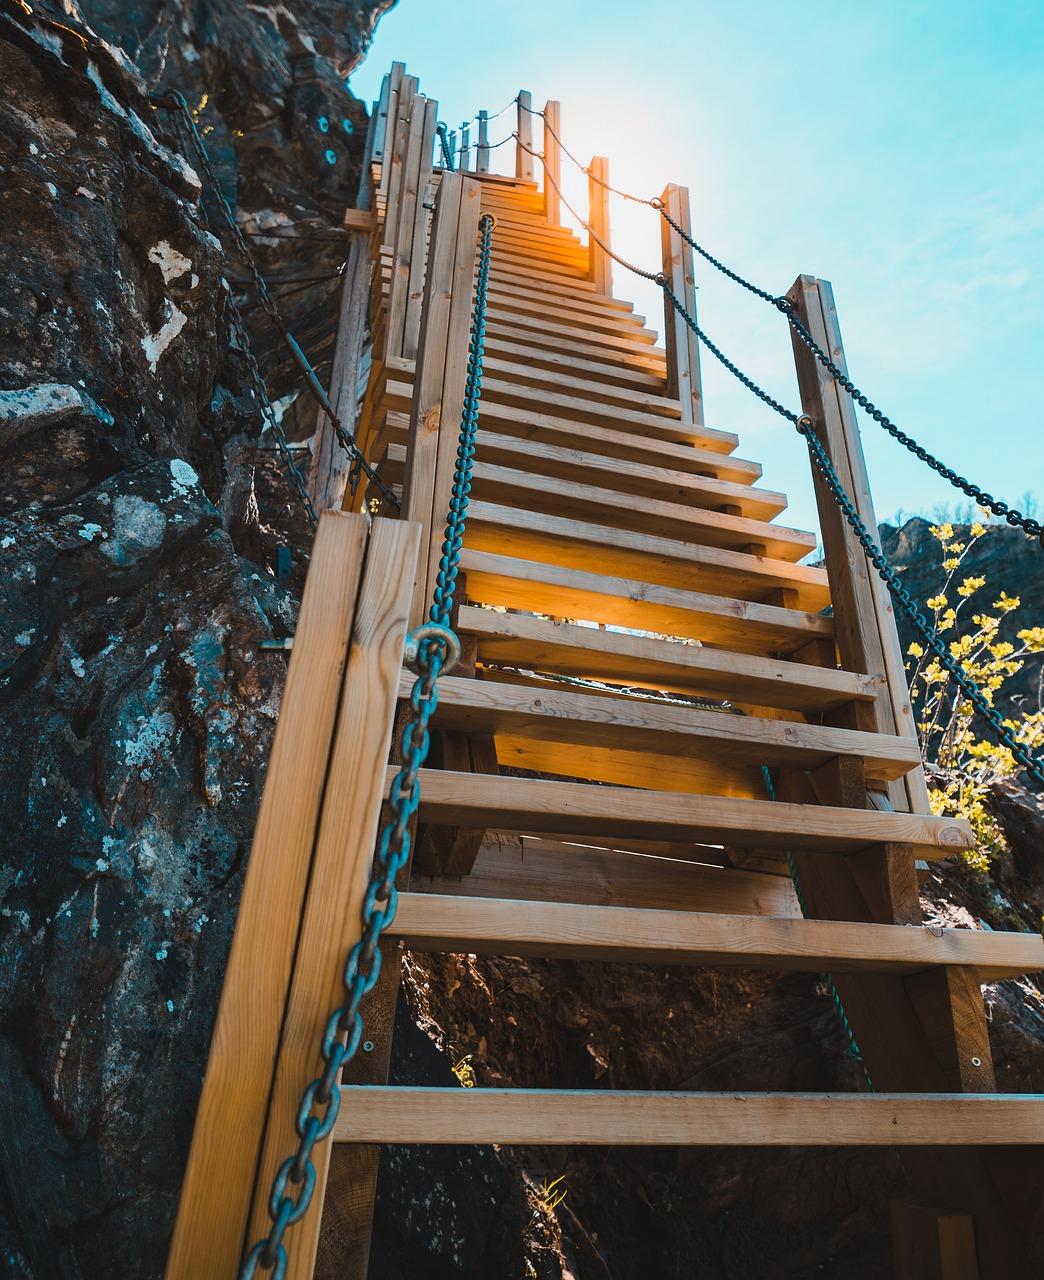 москве картинки в барнауле светящиеся лестницы на гору того, чтобы